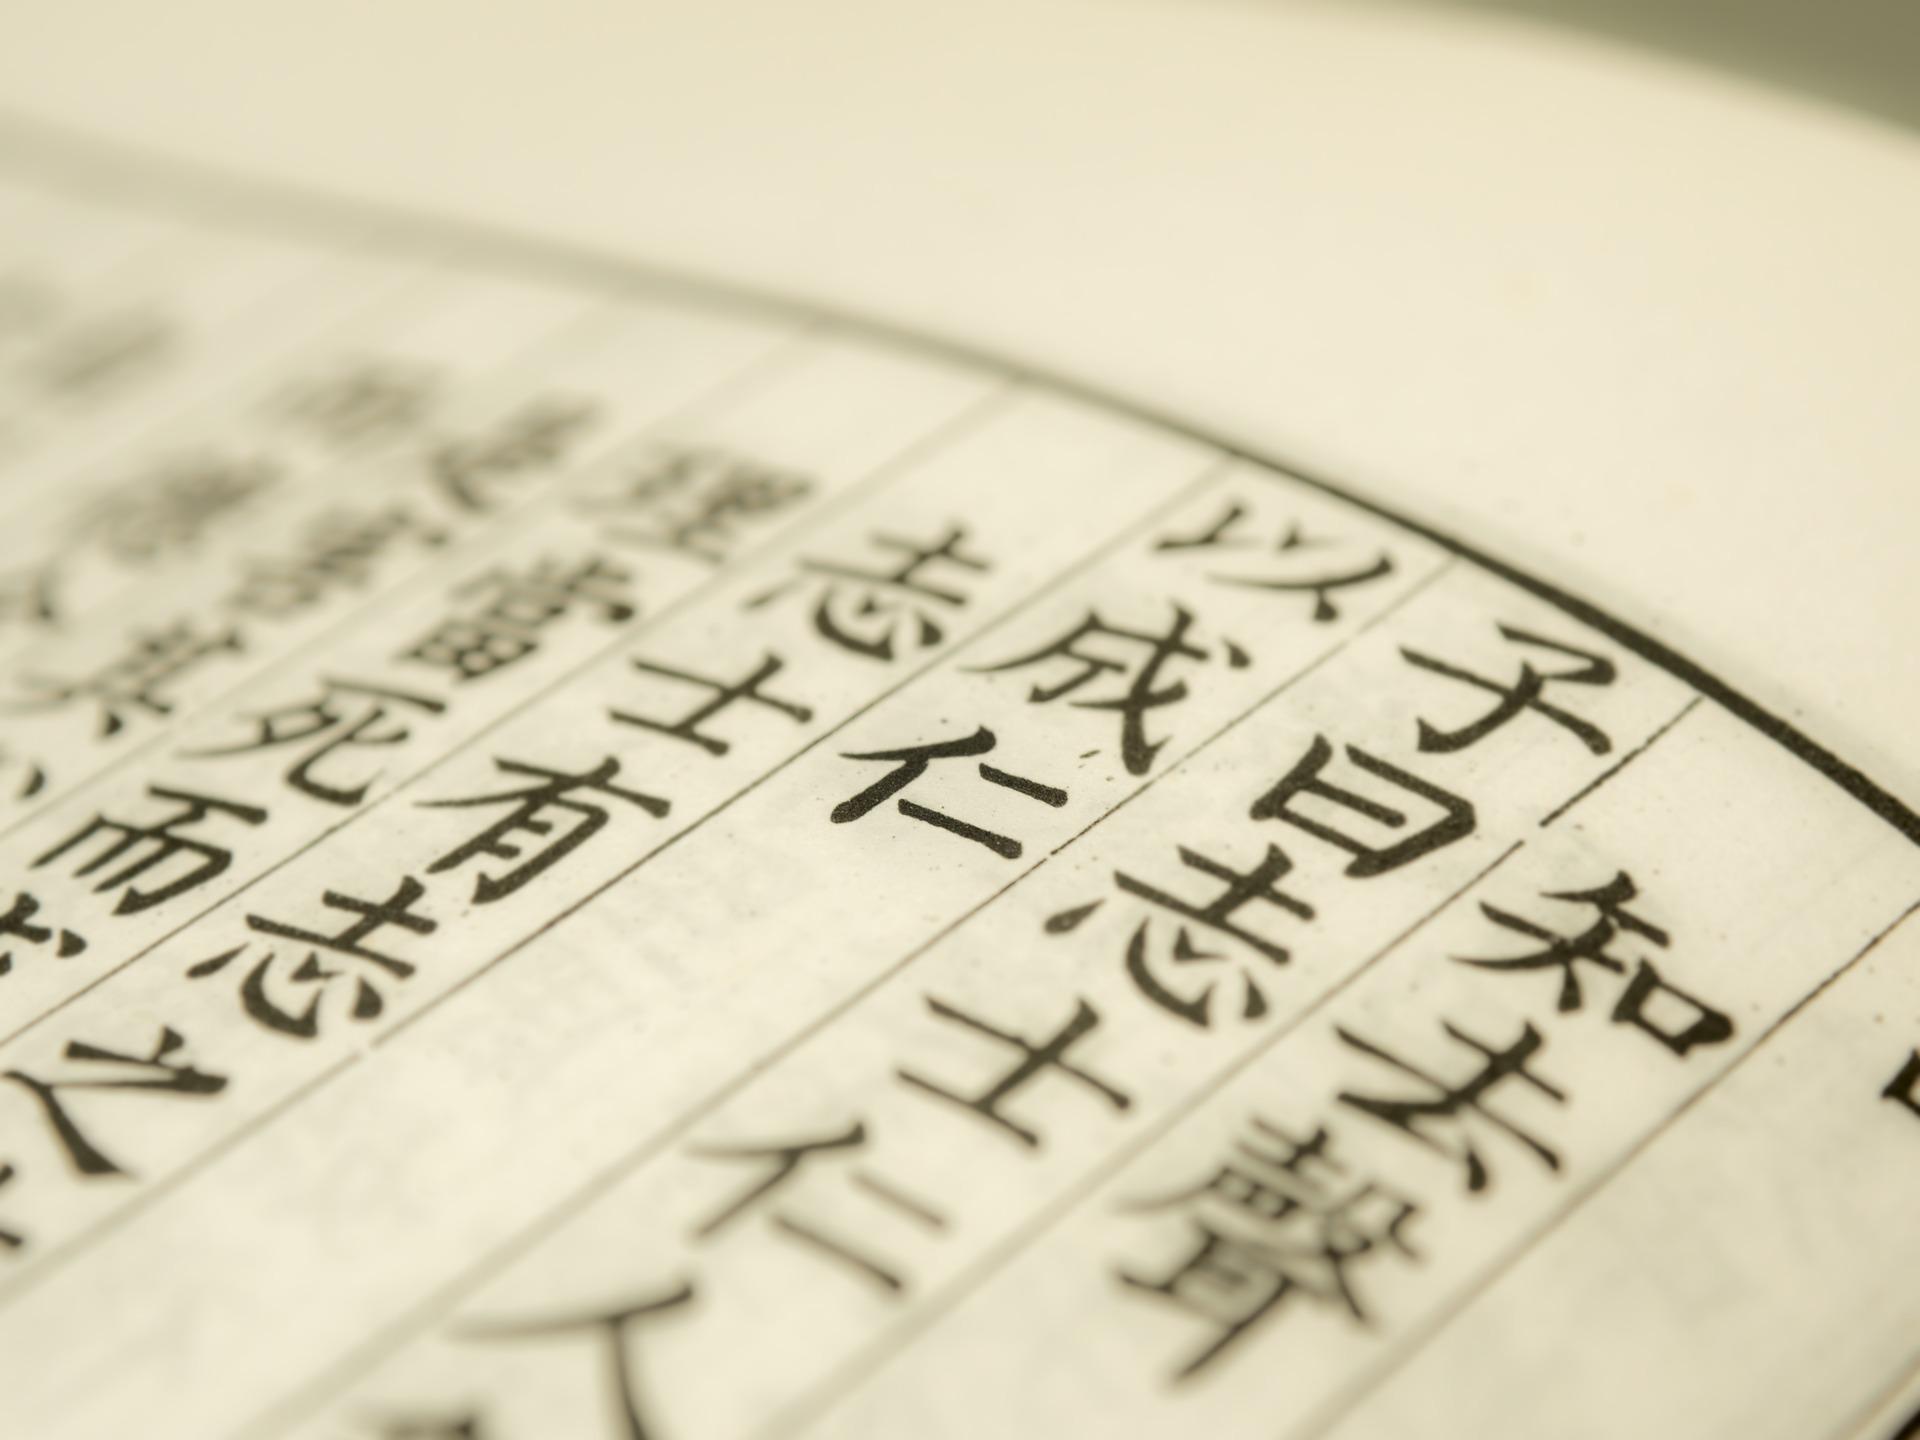 漢文が書かれた本